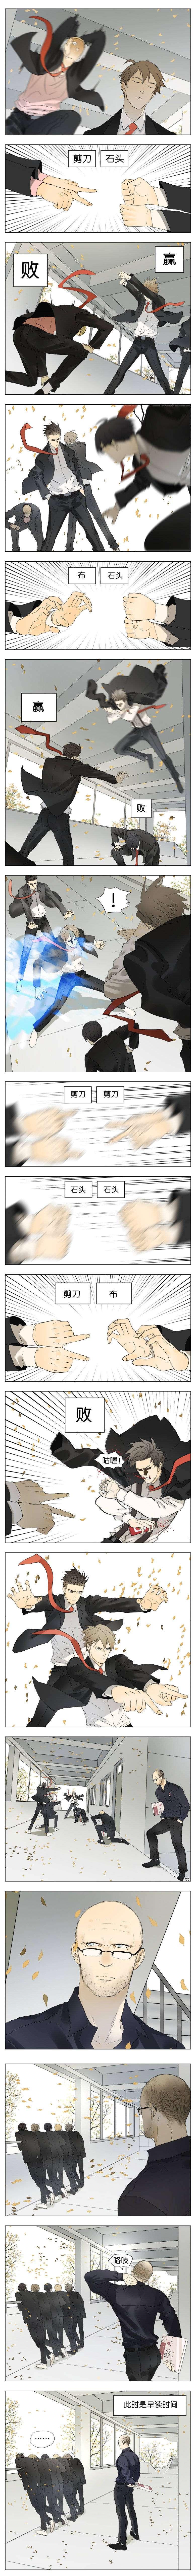 【漫画】今天全部发完